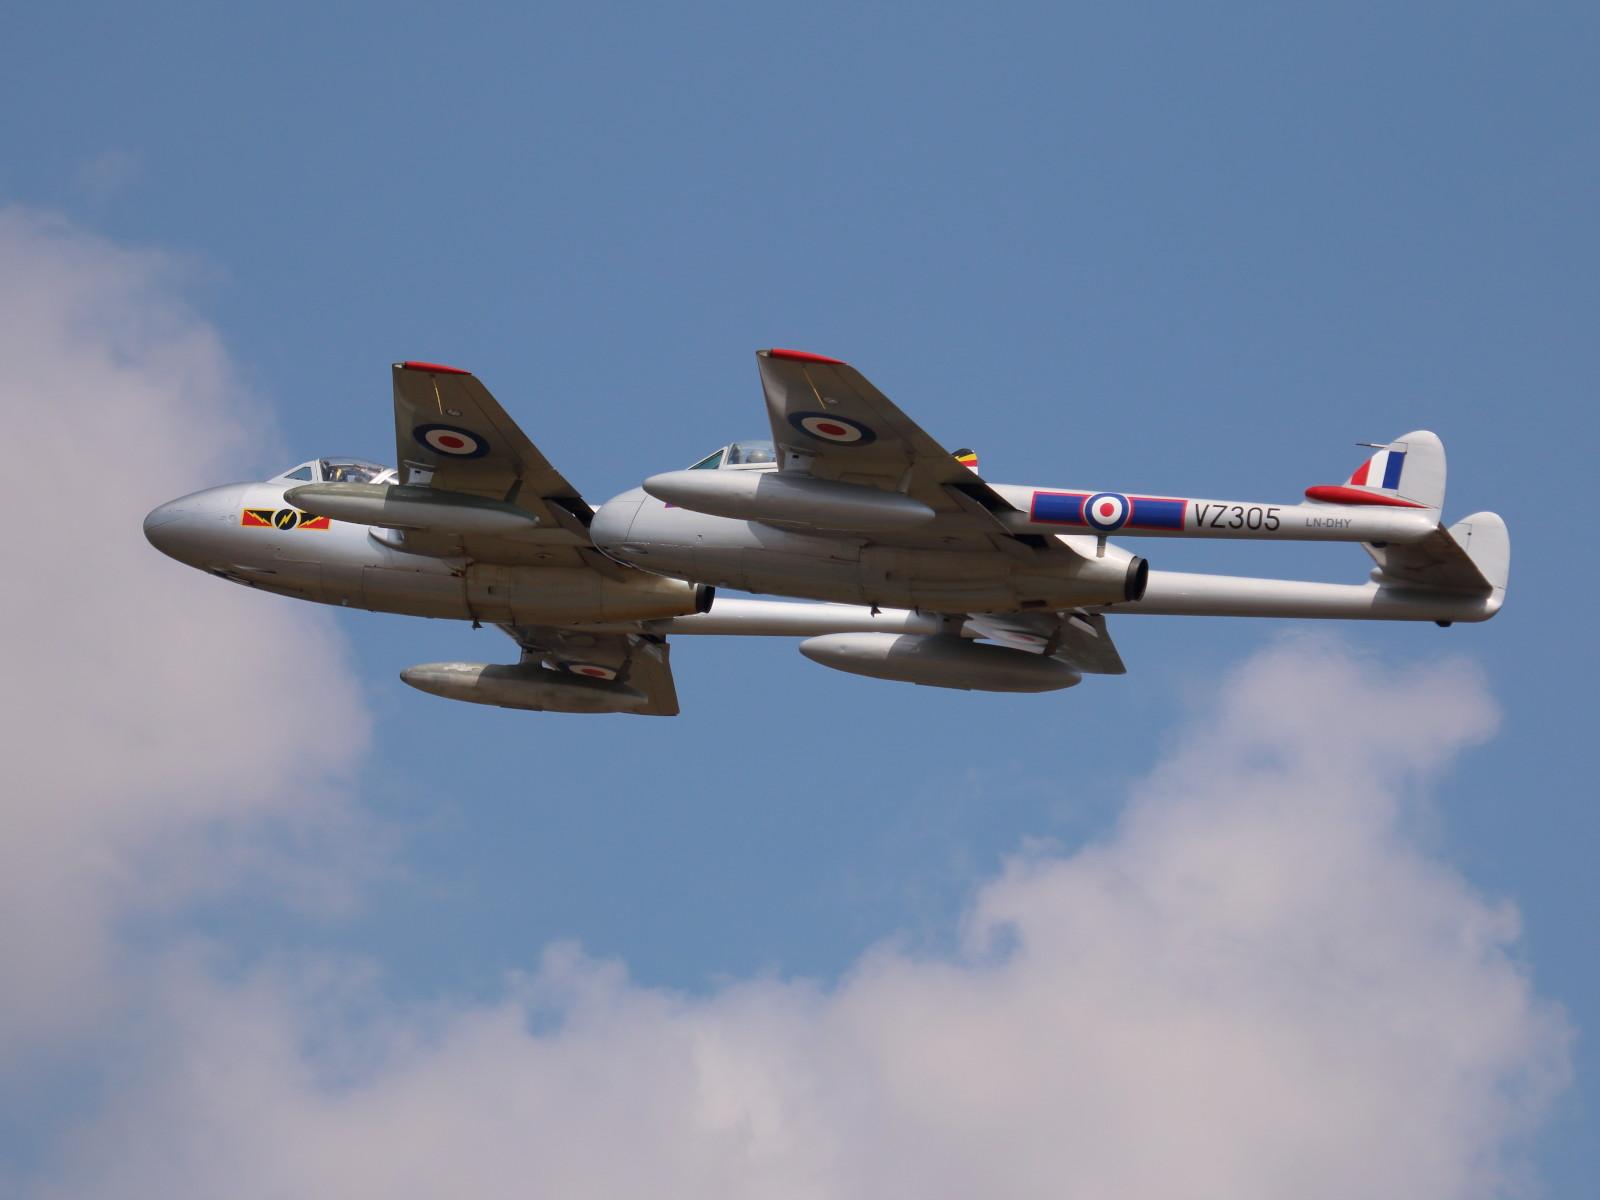 De Havilland Vampire T.55 Doppelsitzer und Vampire FB-52 Einsitzer aus Norwegen - zum 100er in RAF Farben © Doppeladler.com